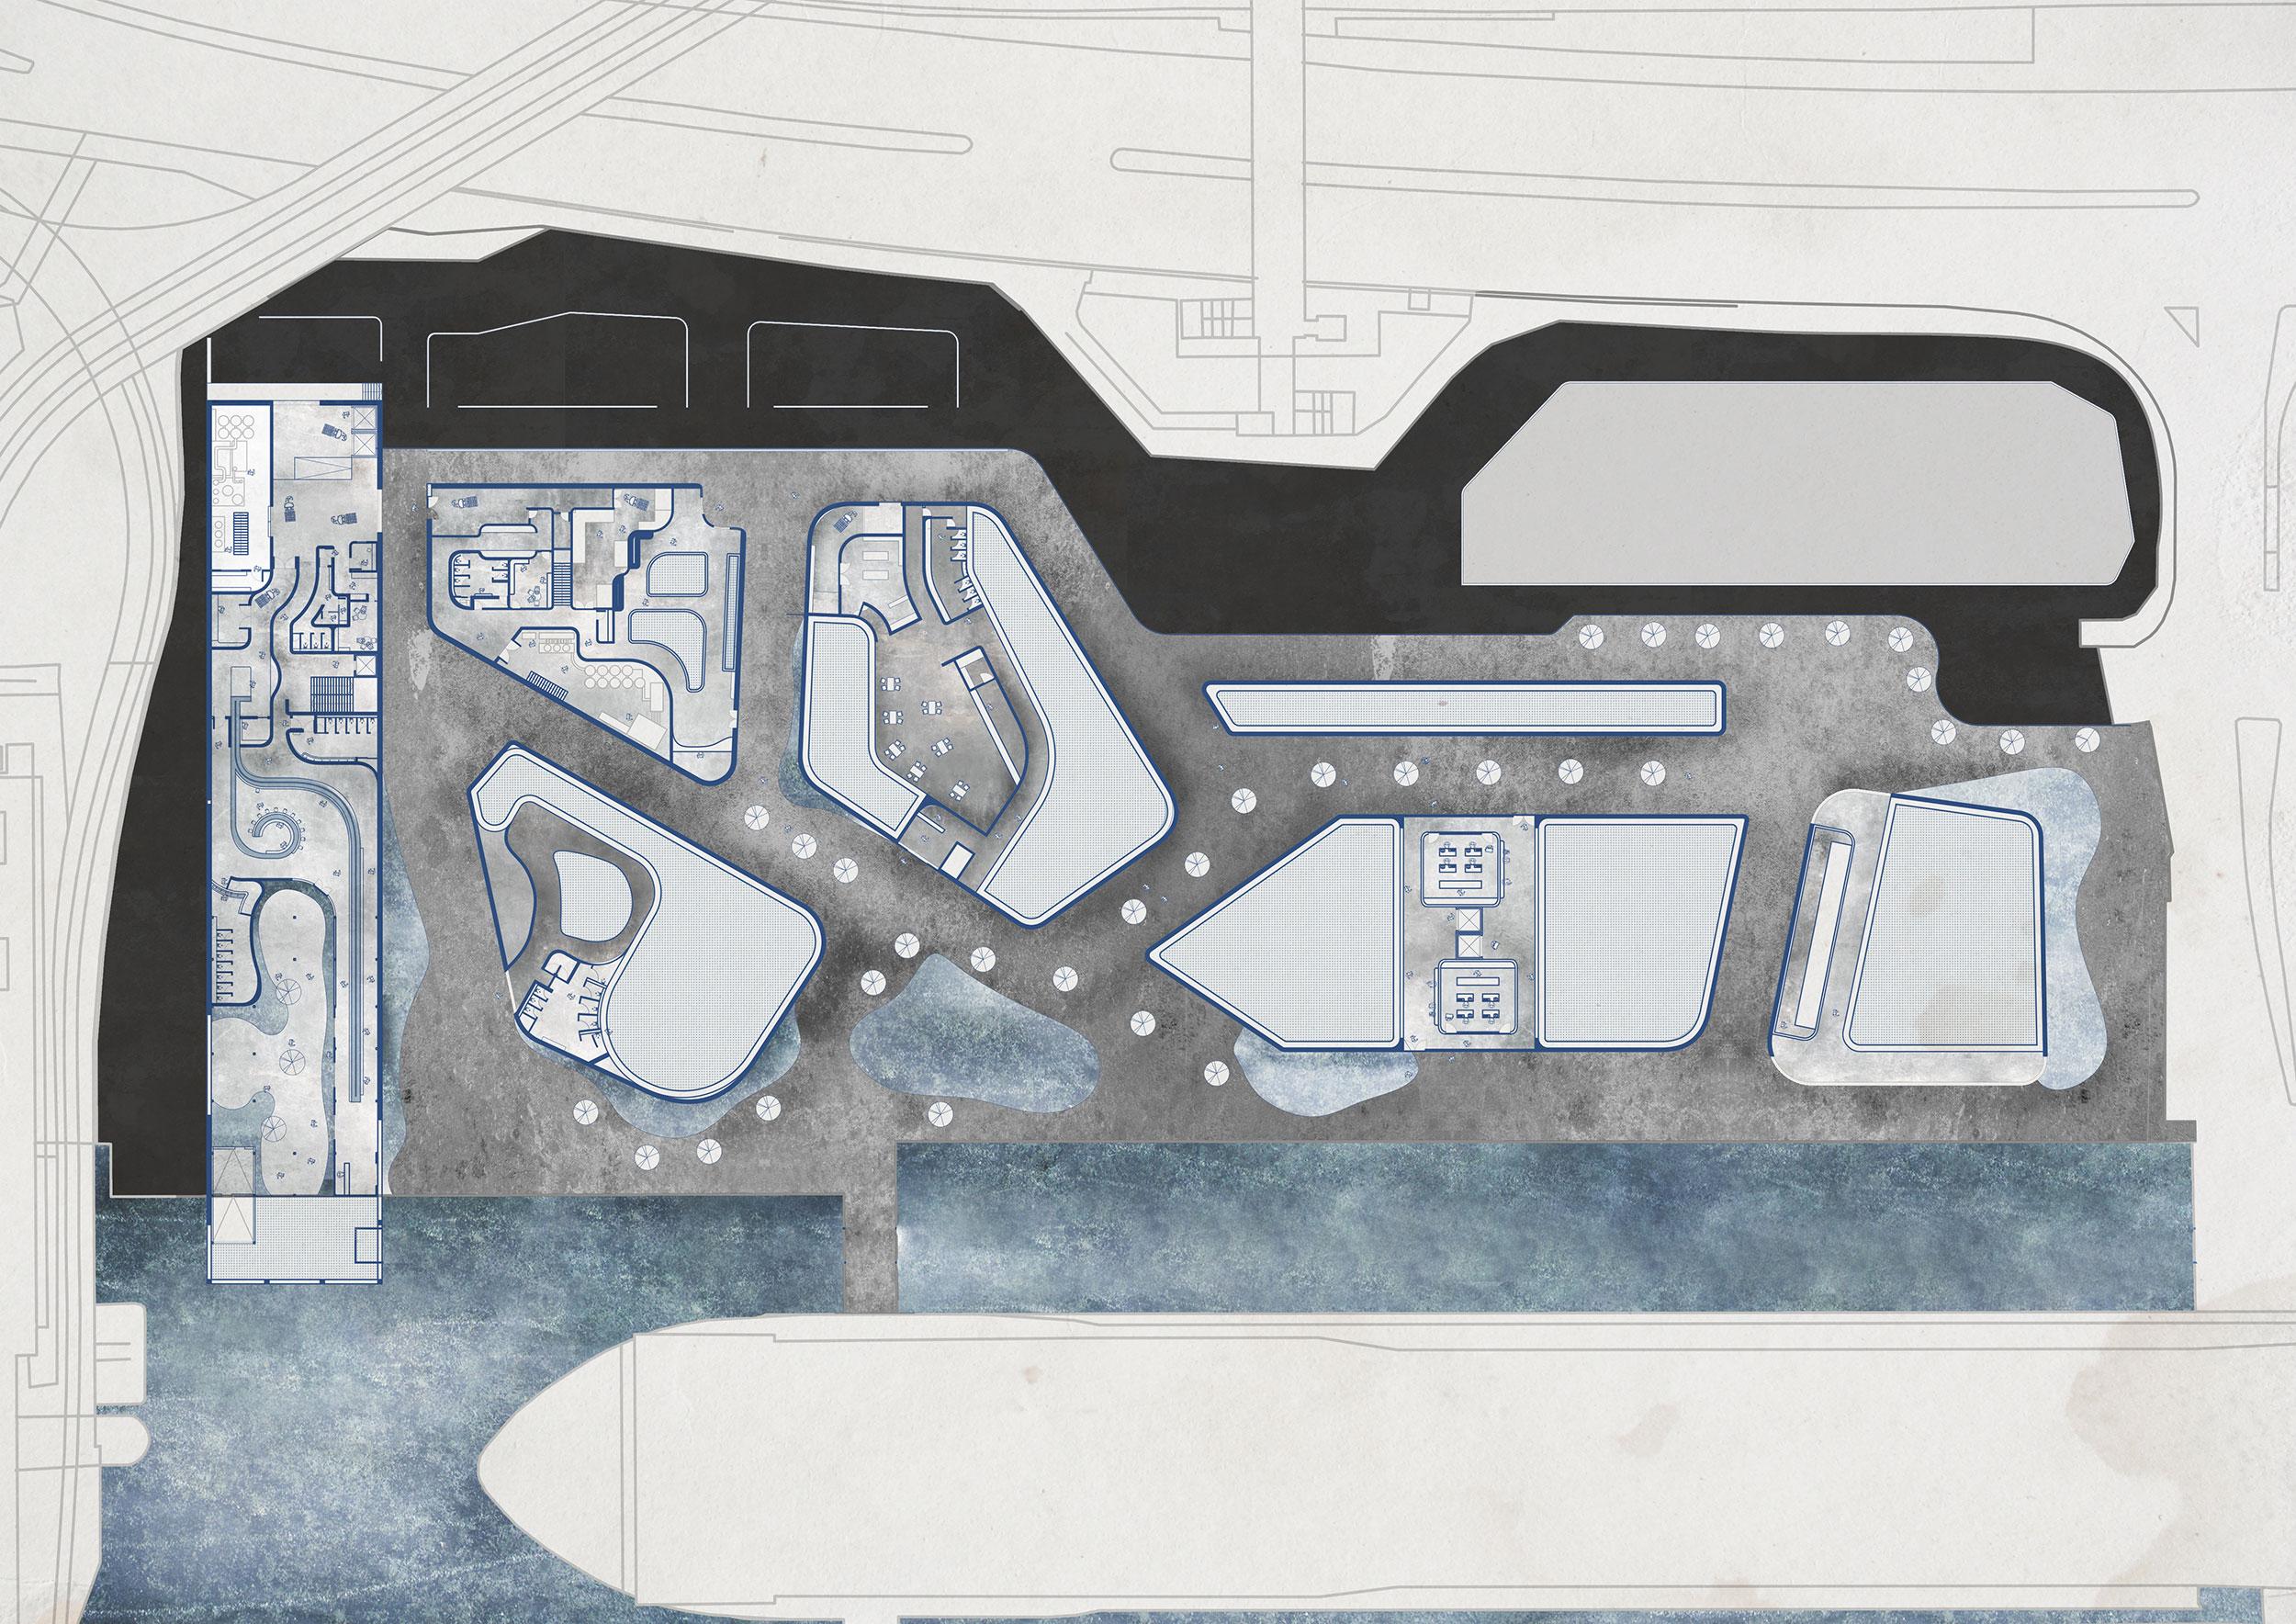 Ground floor plan (west side)